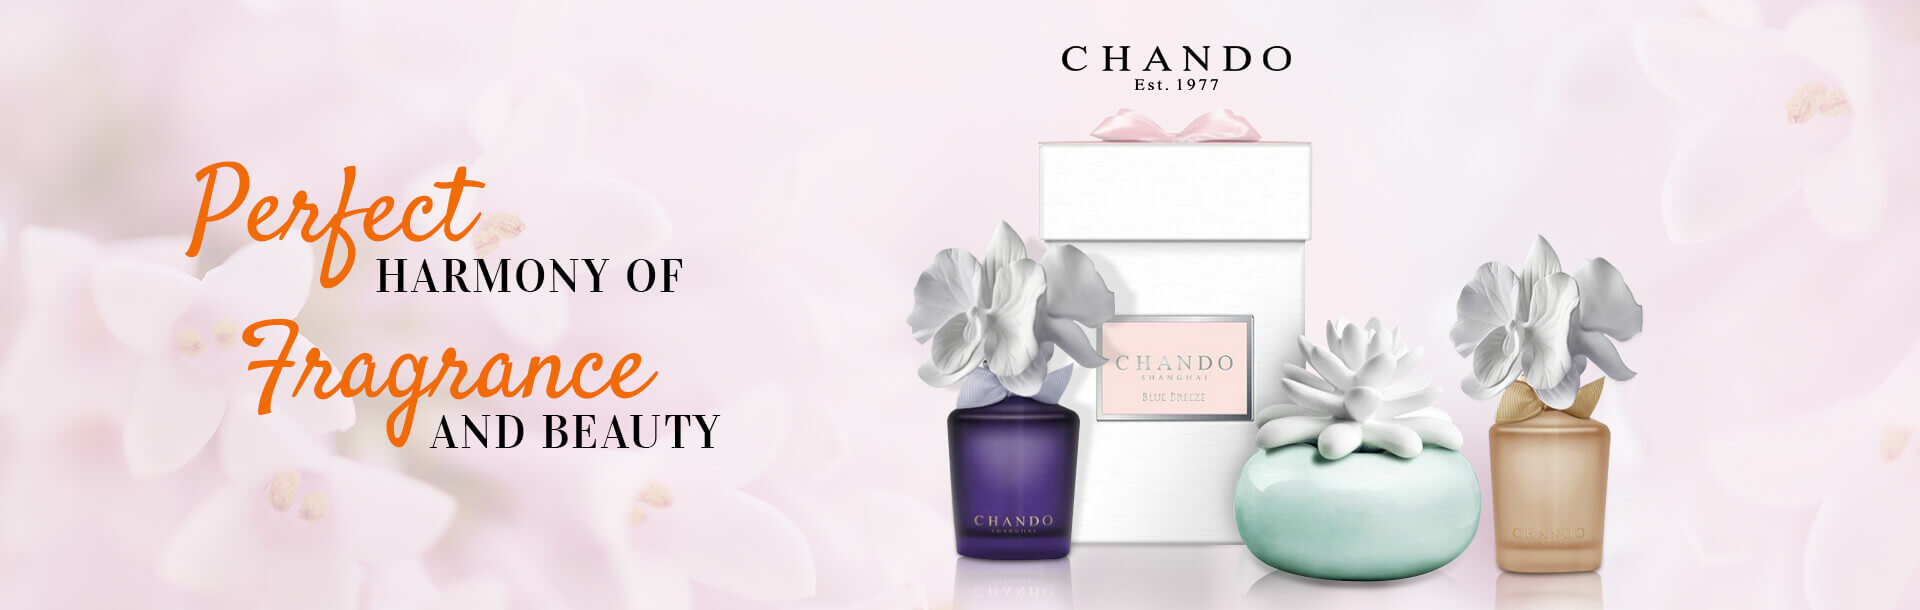 Chando Collection